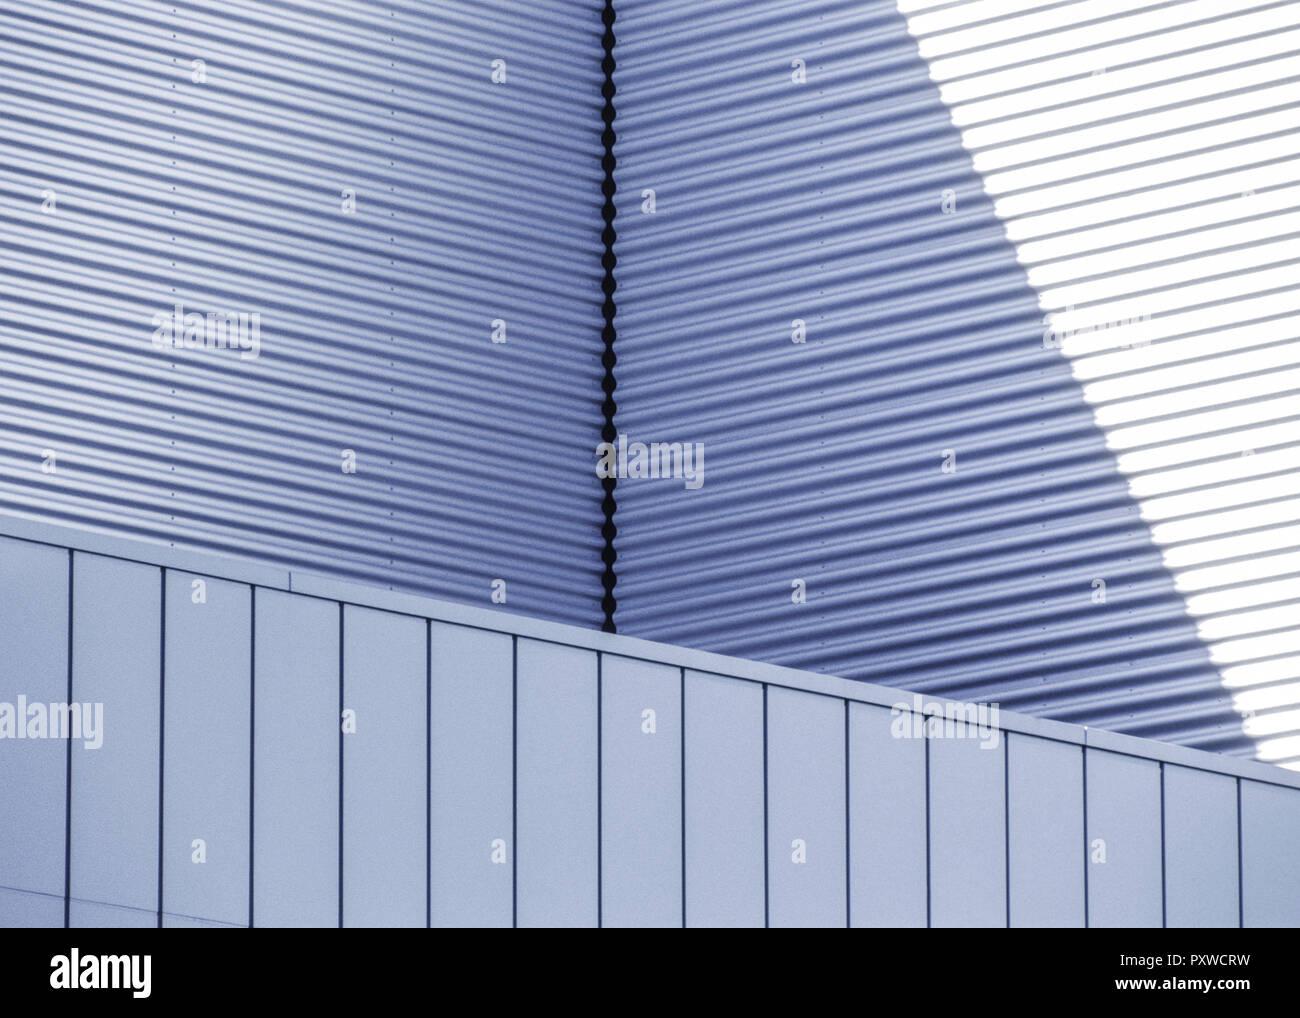 Architekturdetail, Metallverkleidungen Stock Photo